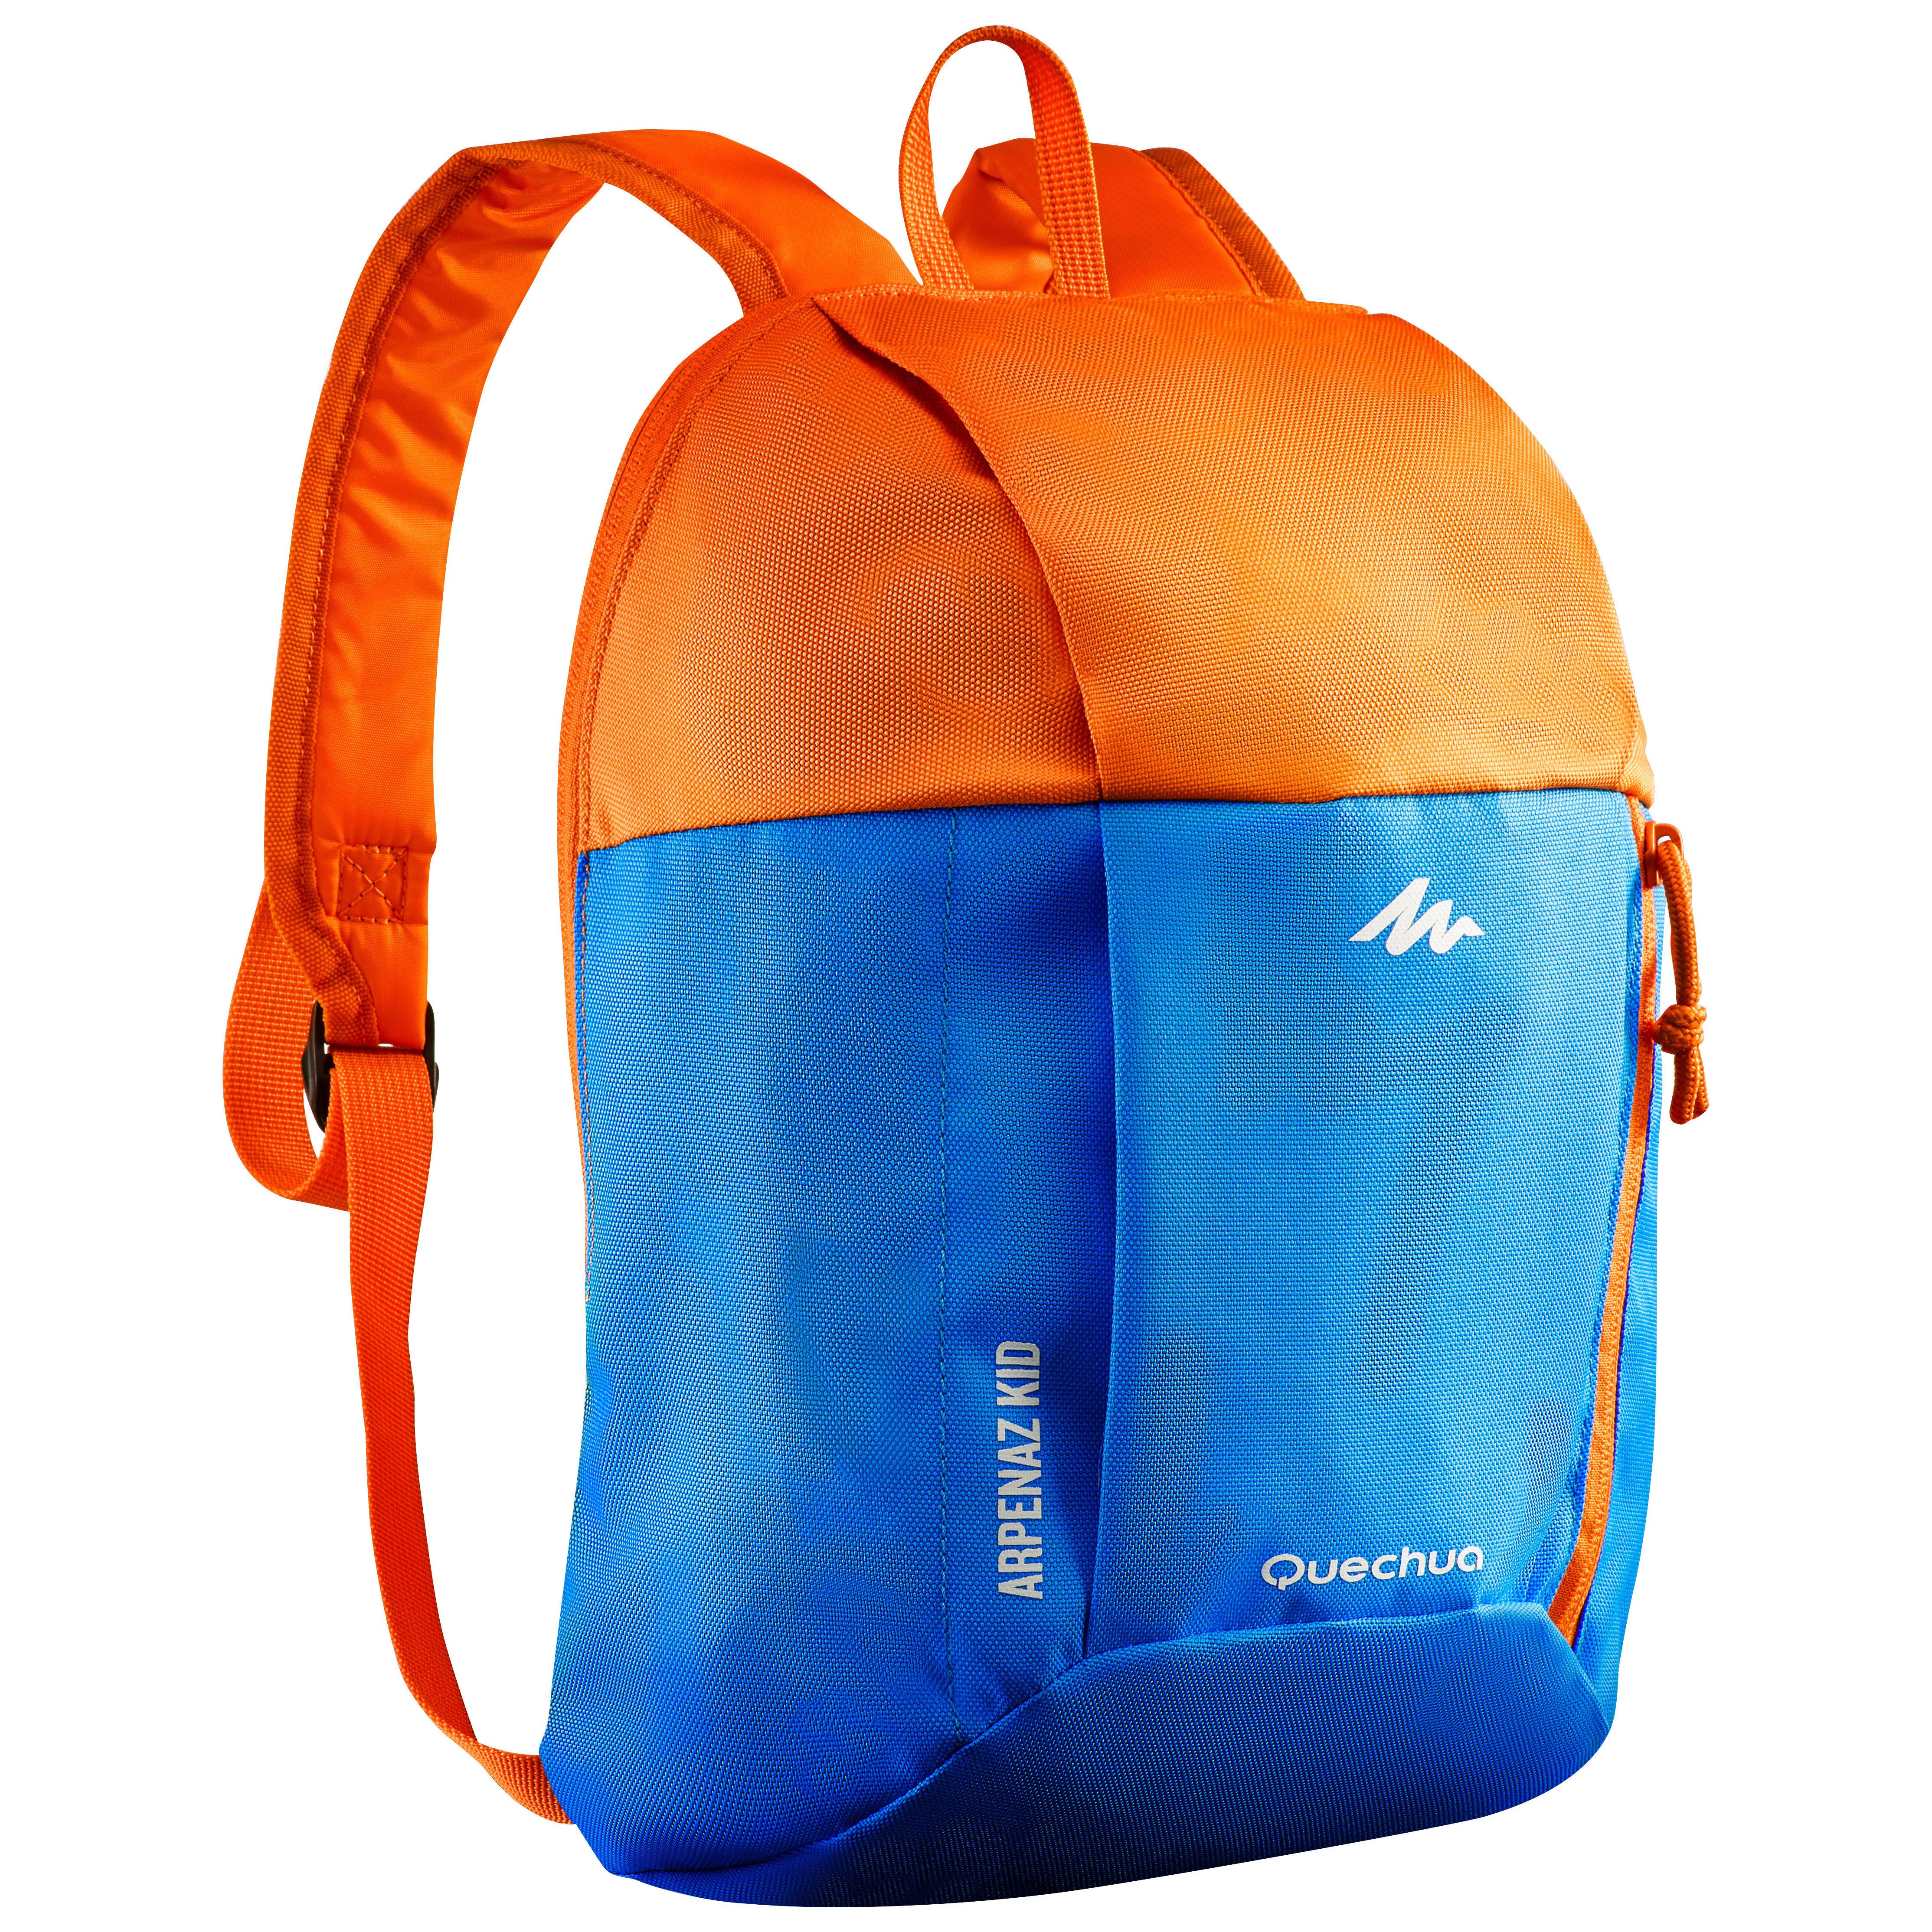 Quechua Trekkingrugzak voor kinderen Arpenaz 7 liter kopen? Sport>Tassen & bagage>Rugzakken met voordeel vind je hier